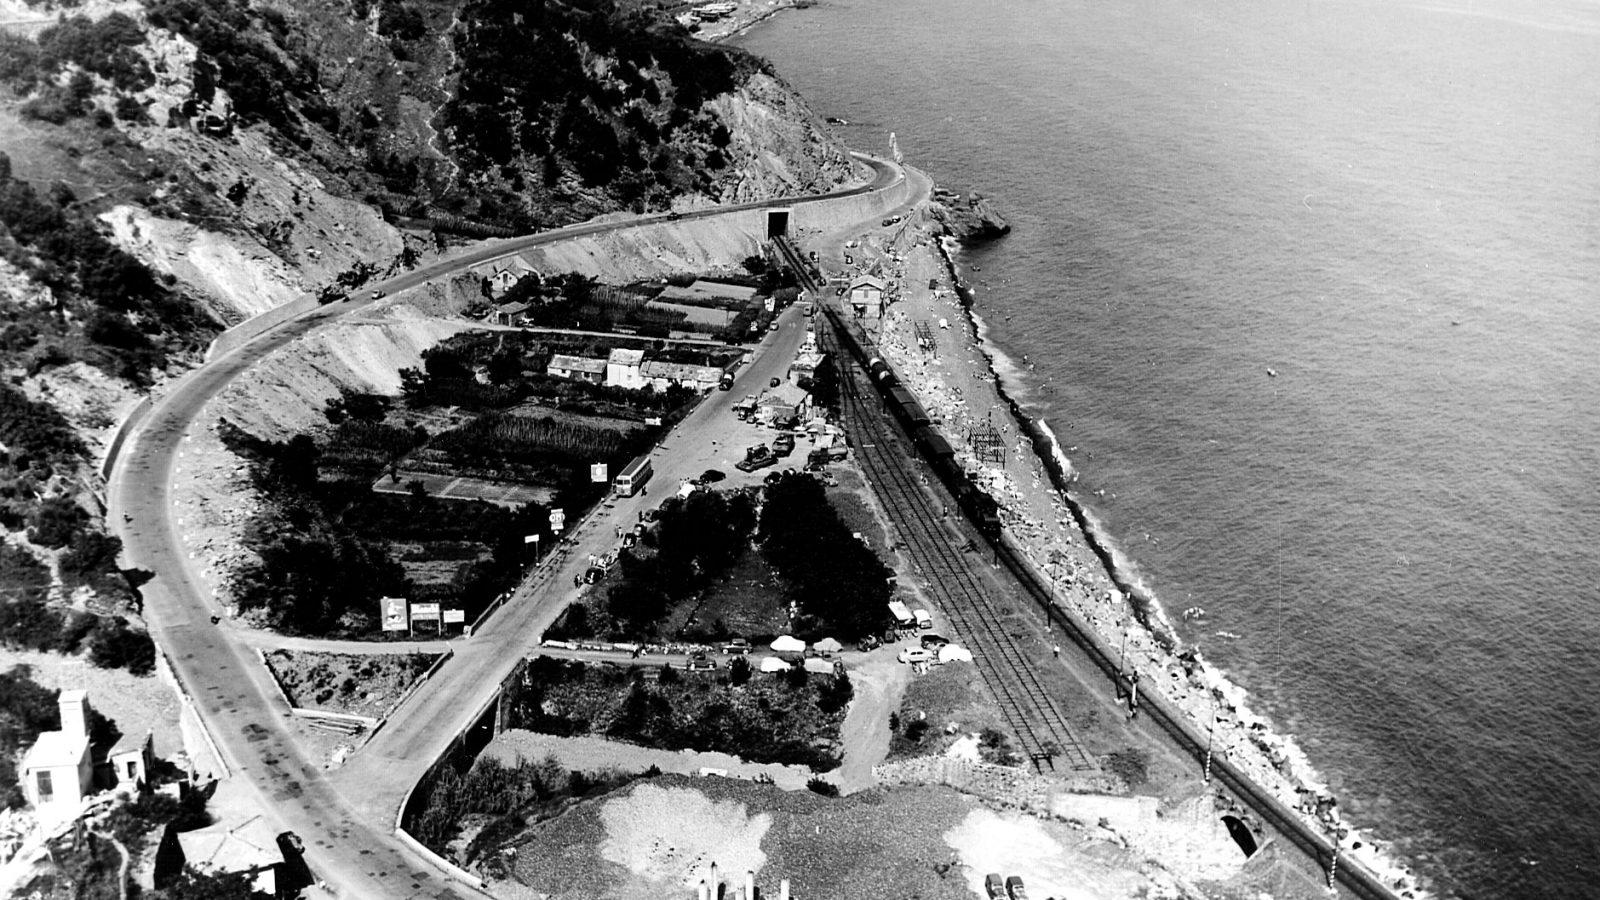 """Liguria, strada statale 1 """"Via Aurelia"""", variante per l'eliminazione del passaggio a livello ad Arenzano, 1955 (Archivio storico Anas)"""